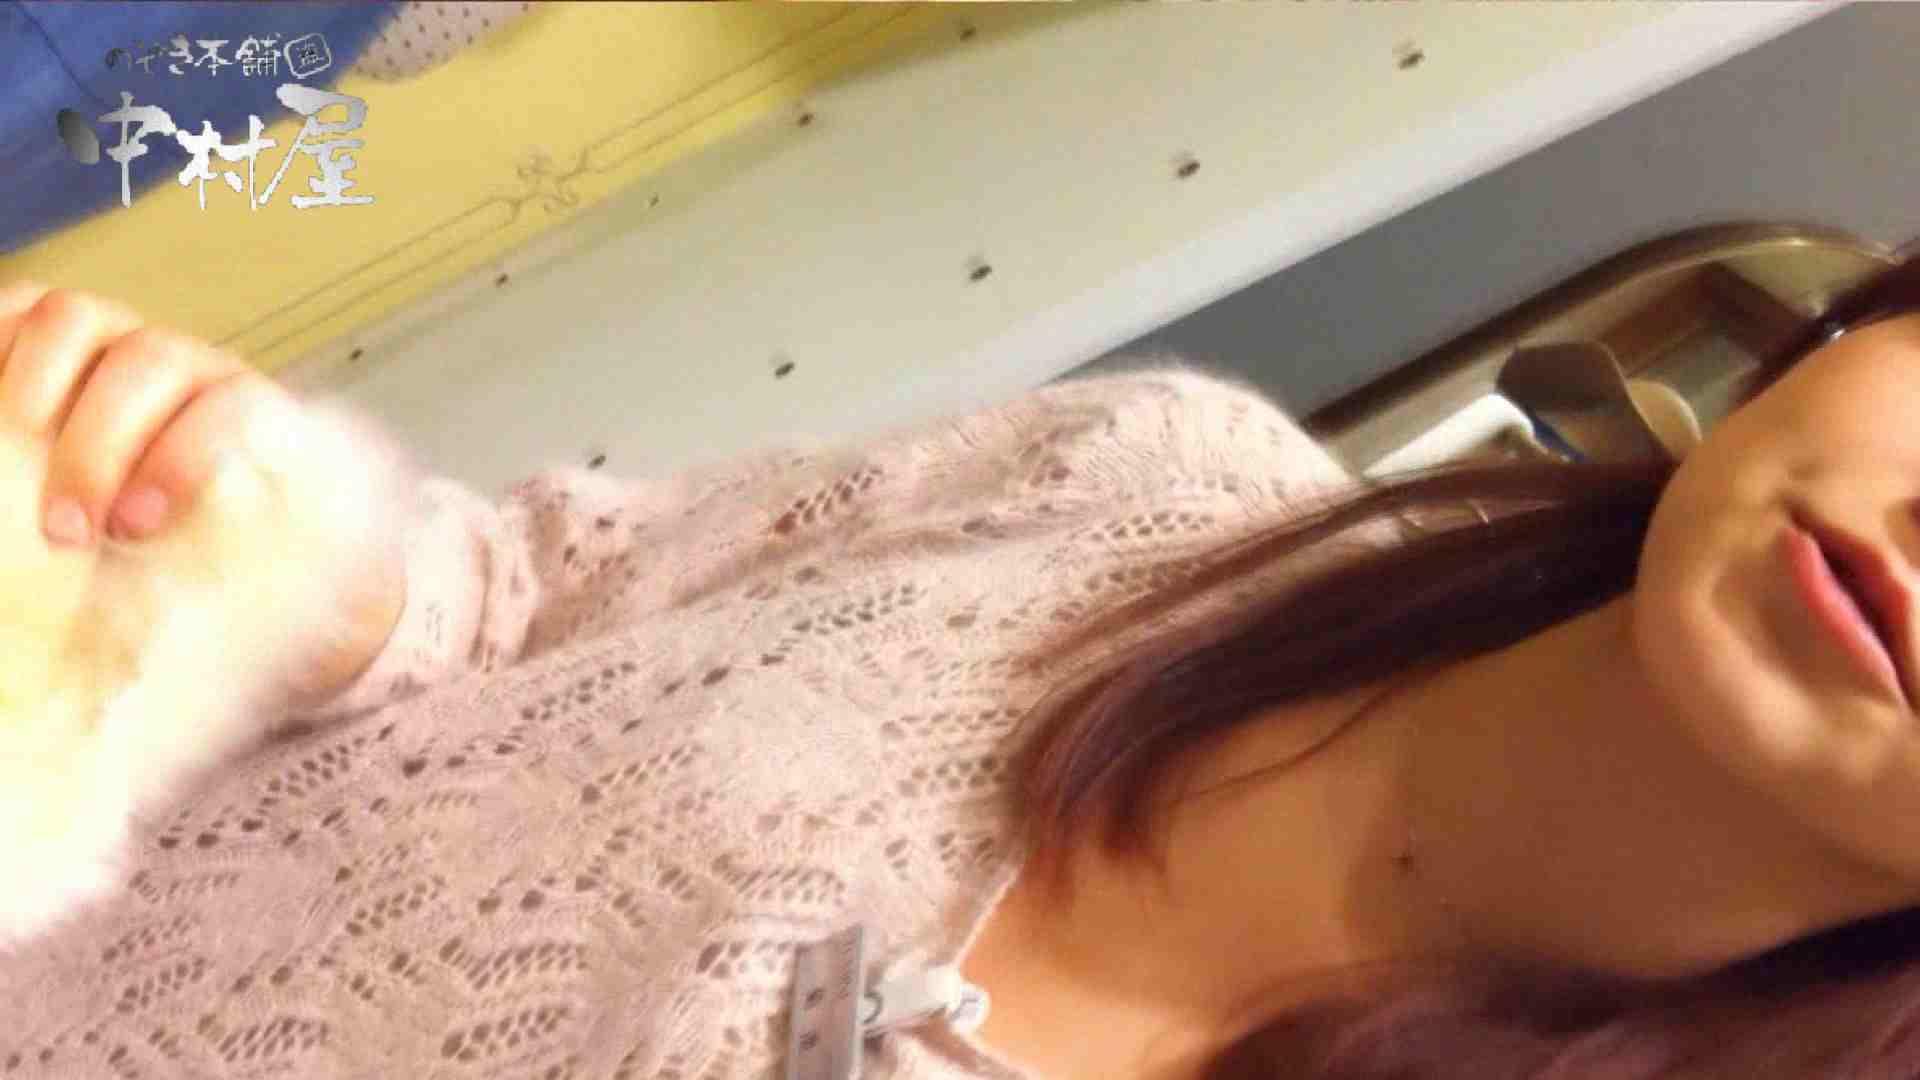 セックスアダルト動画 vol.56 美人アパレル胸チラ&パンチラ メガネオネーサマの下着 のぞき本舗 中村屋